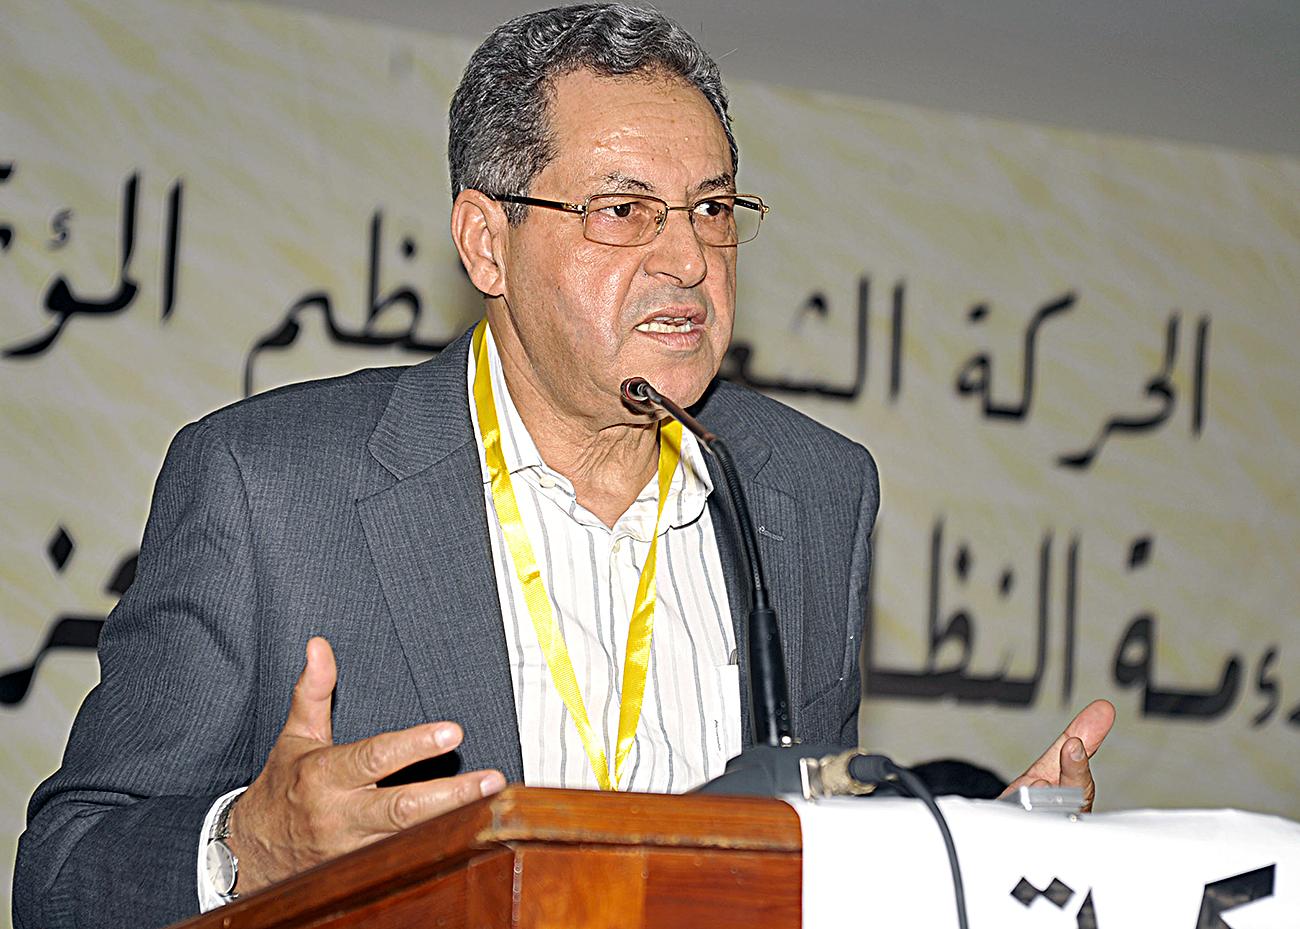 حزب الحركة الشعبية يشكل لجنة لتقييم نتائجه في الانتخابات وينفي استقالة العنصر